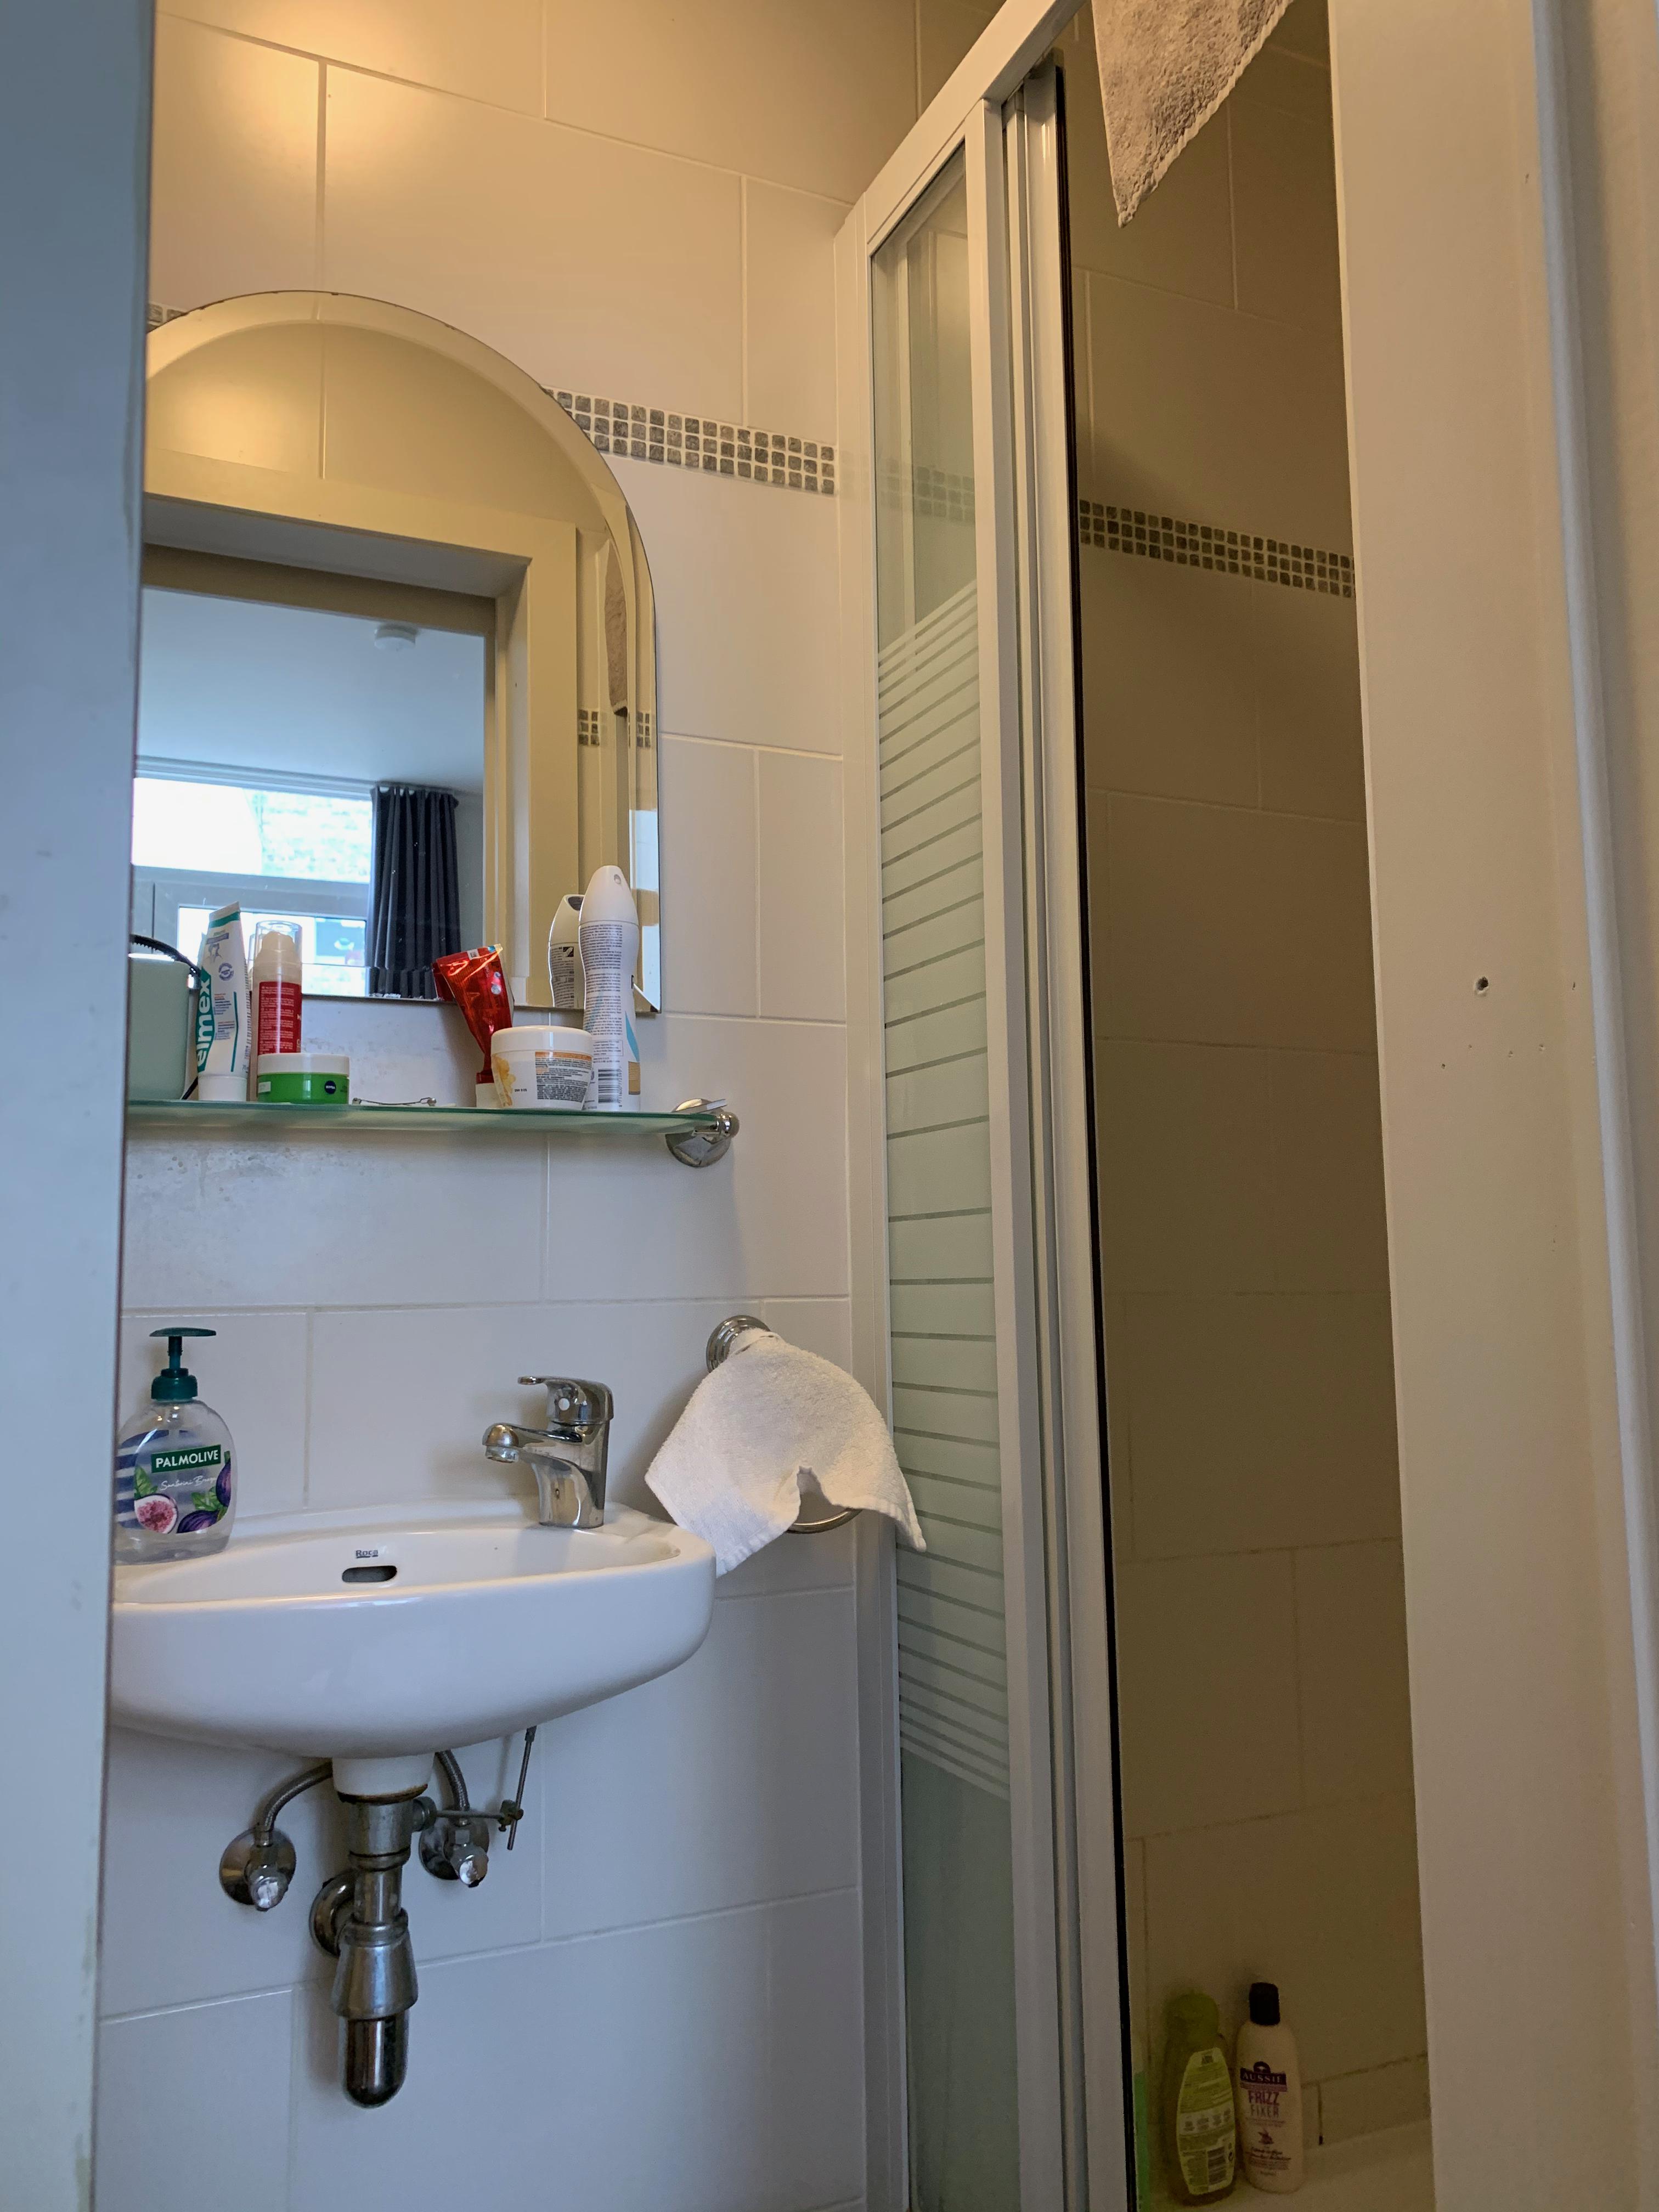 LP2-0201 - douche, lavabo